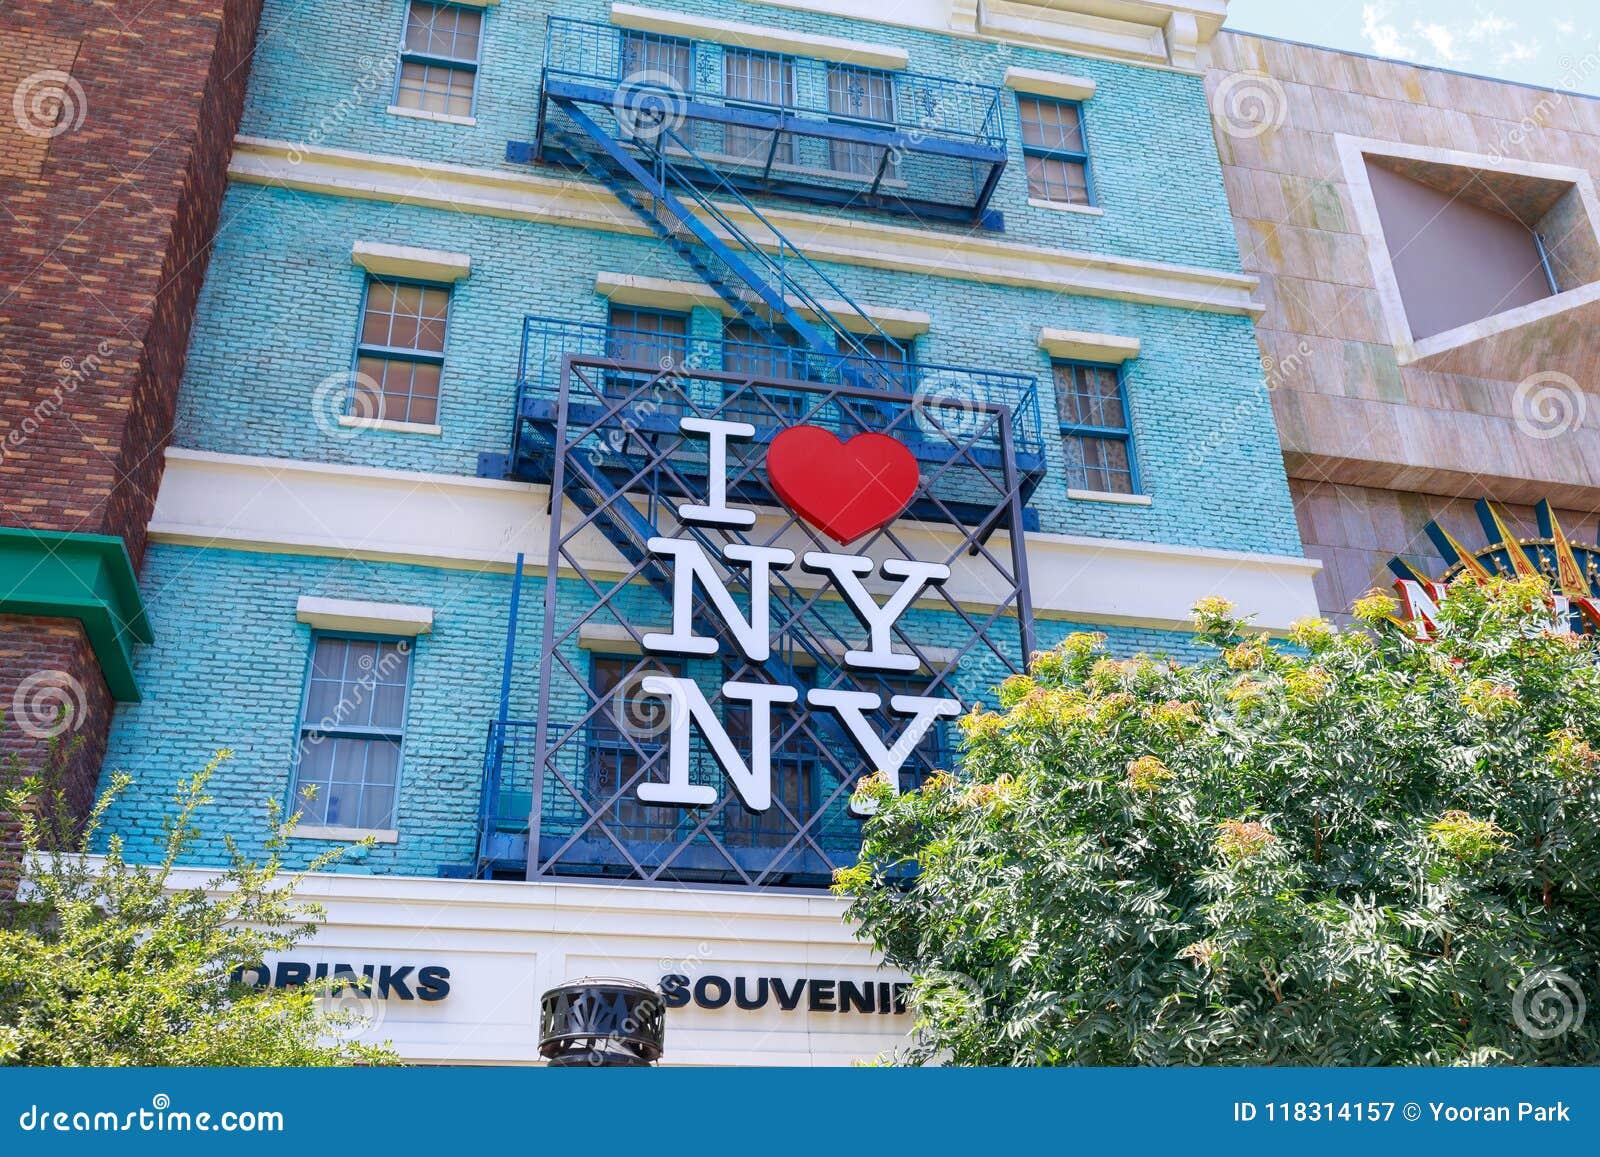 Ι σημάδι της Νέας Υόρκης καρδιών, νέες Υόρκη-νέες ξενοδοχείο της Υόρκης και λέσχη, Las Vegas Strip στον παράδεισο, Νεβάδα, Ηνωμέν